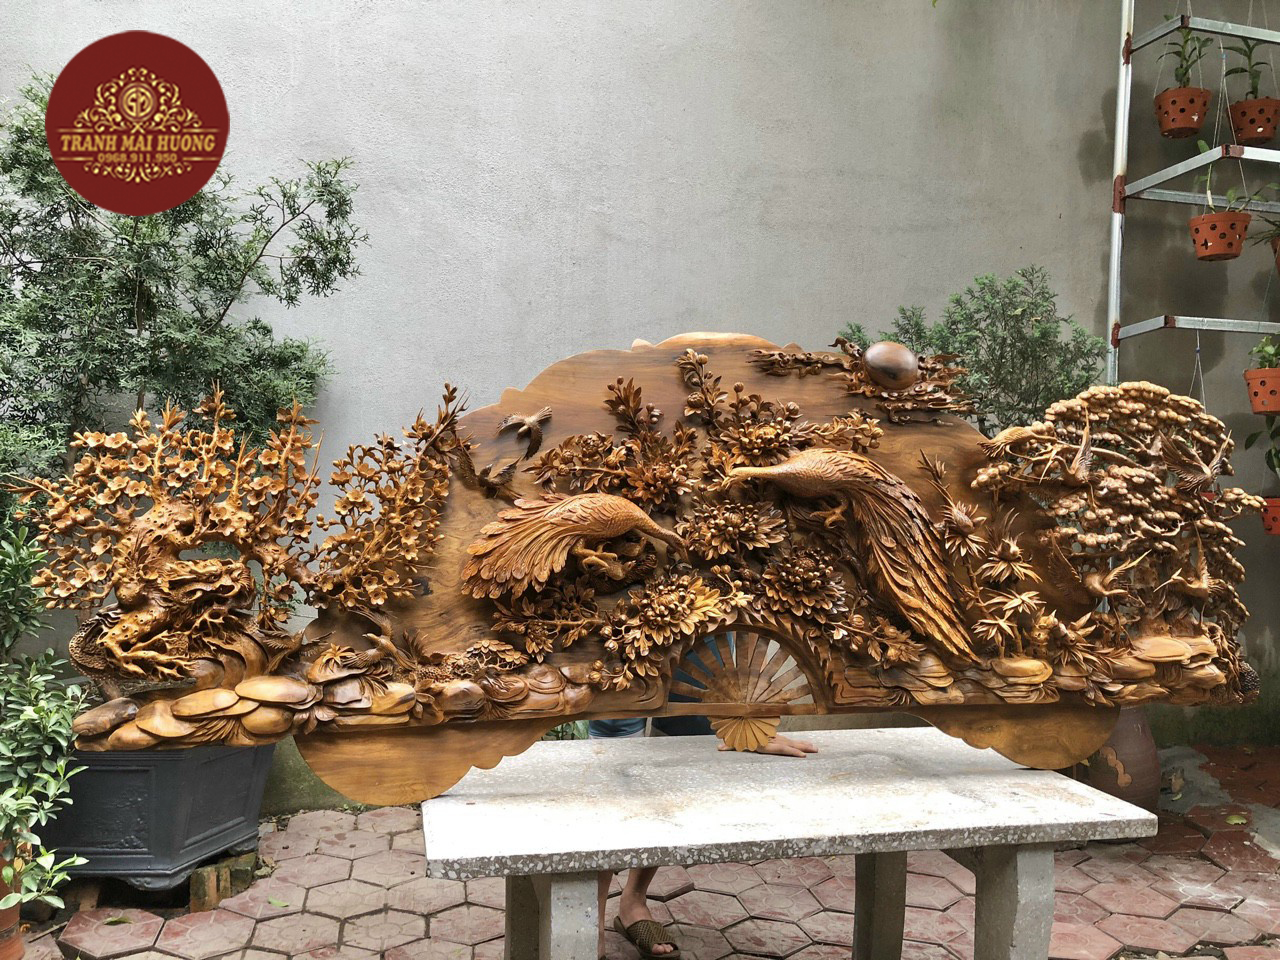 Siêu quạt phu thê viên mãn gỗ bách xanh đẹp nhất thế giới. Hàng nghệ nhân làng mộc